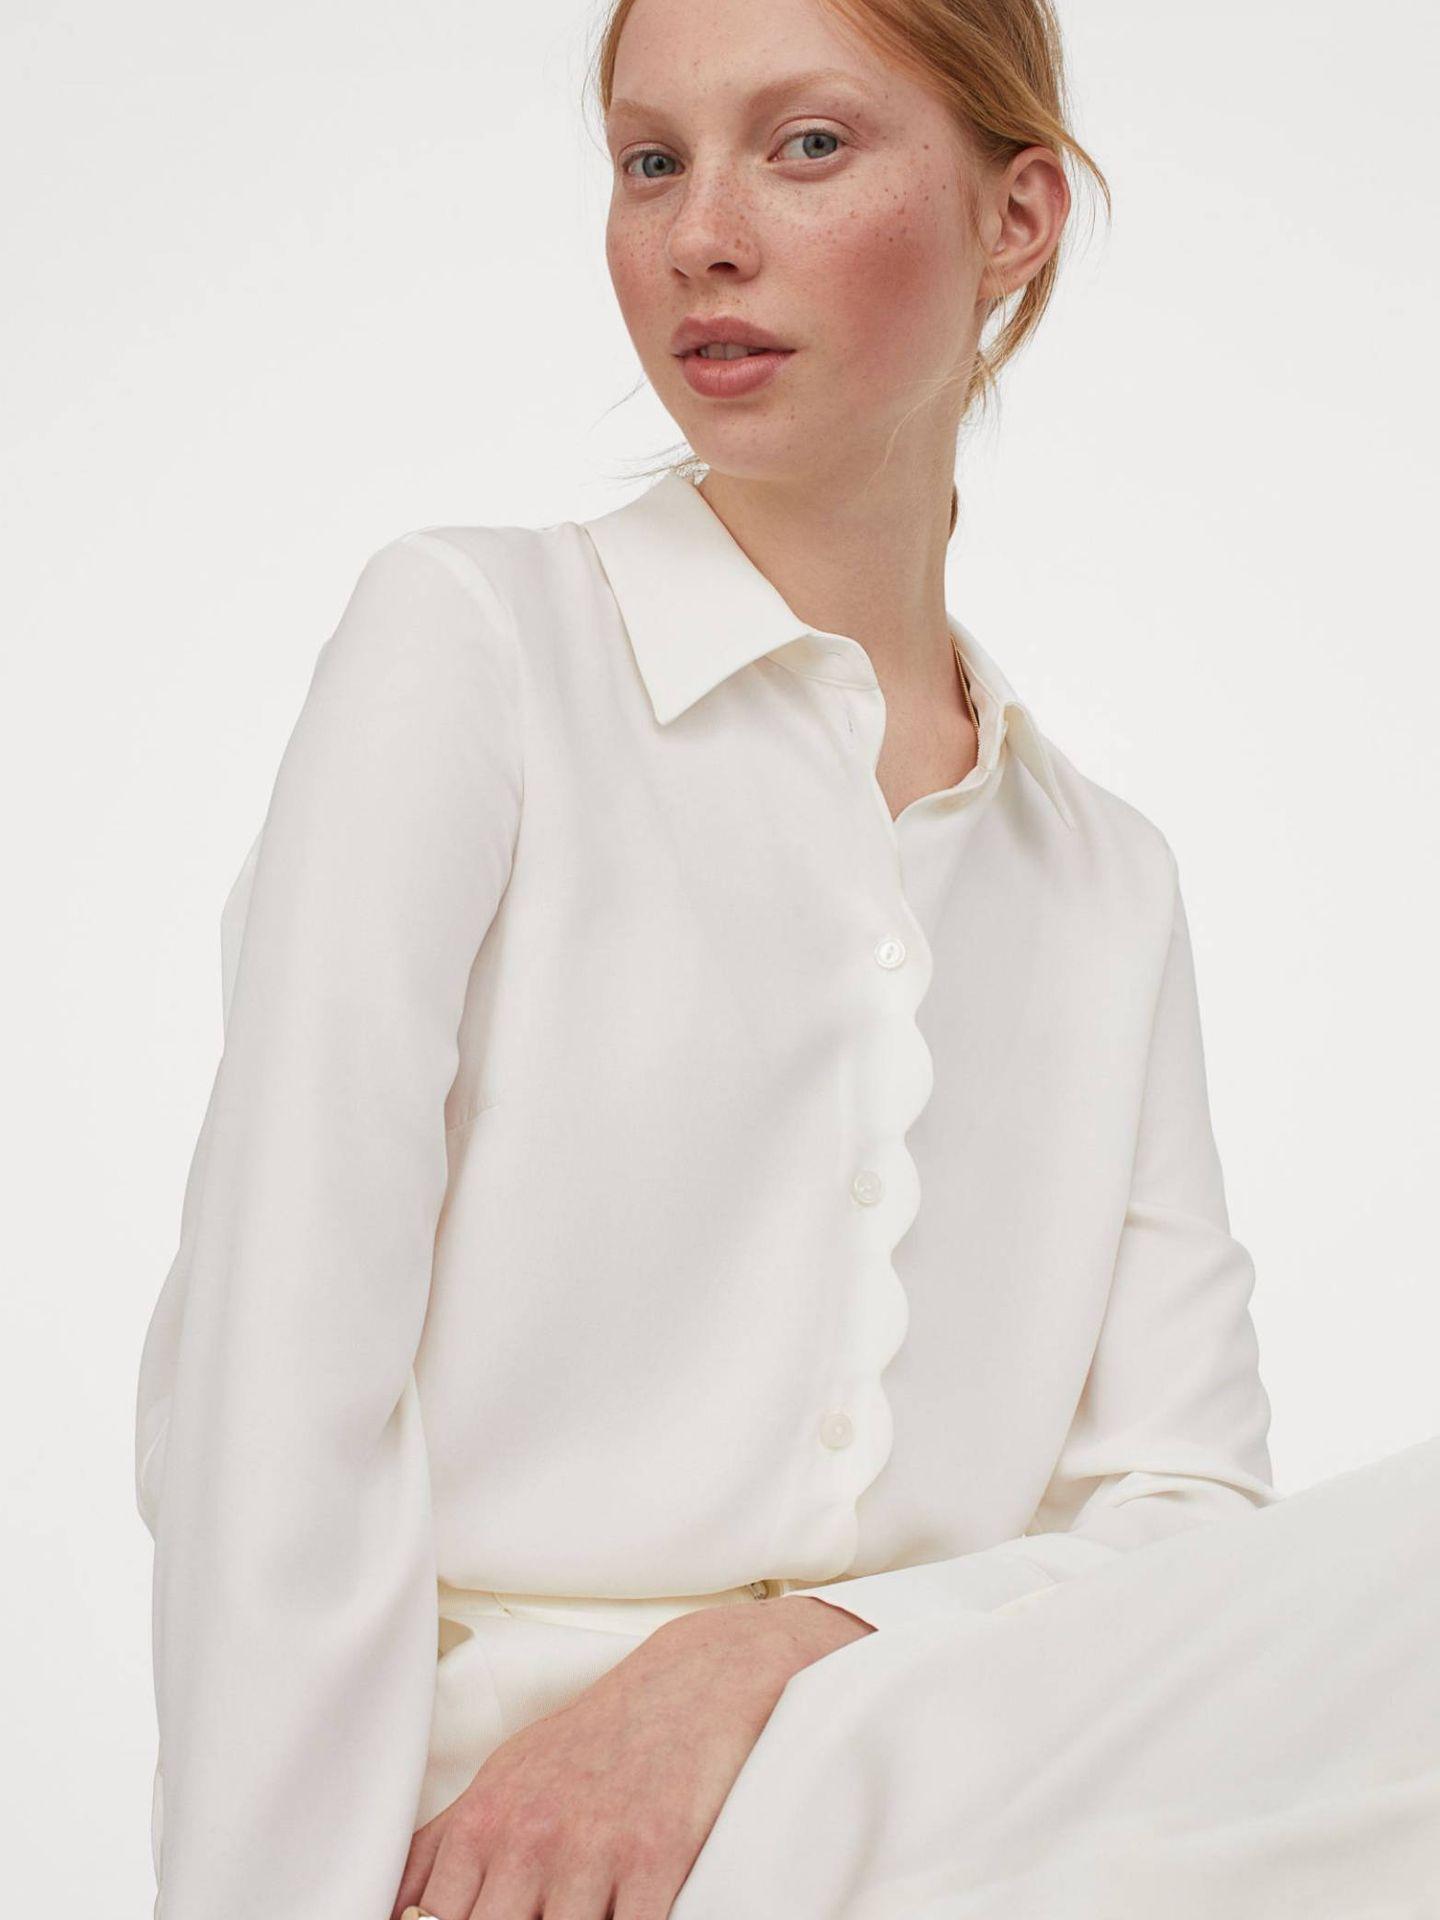 Blusas blancas de HyM que desearás tener cuanto antes. (Cortesía)